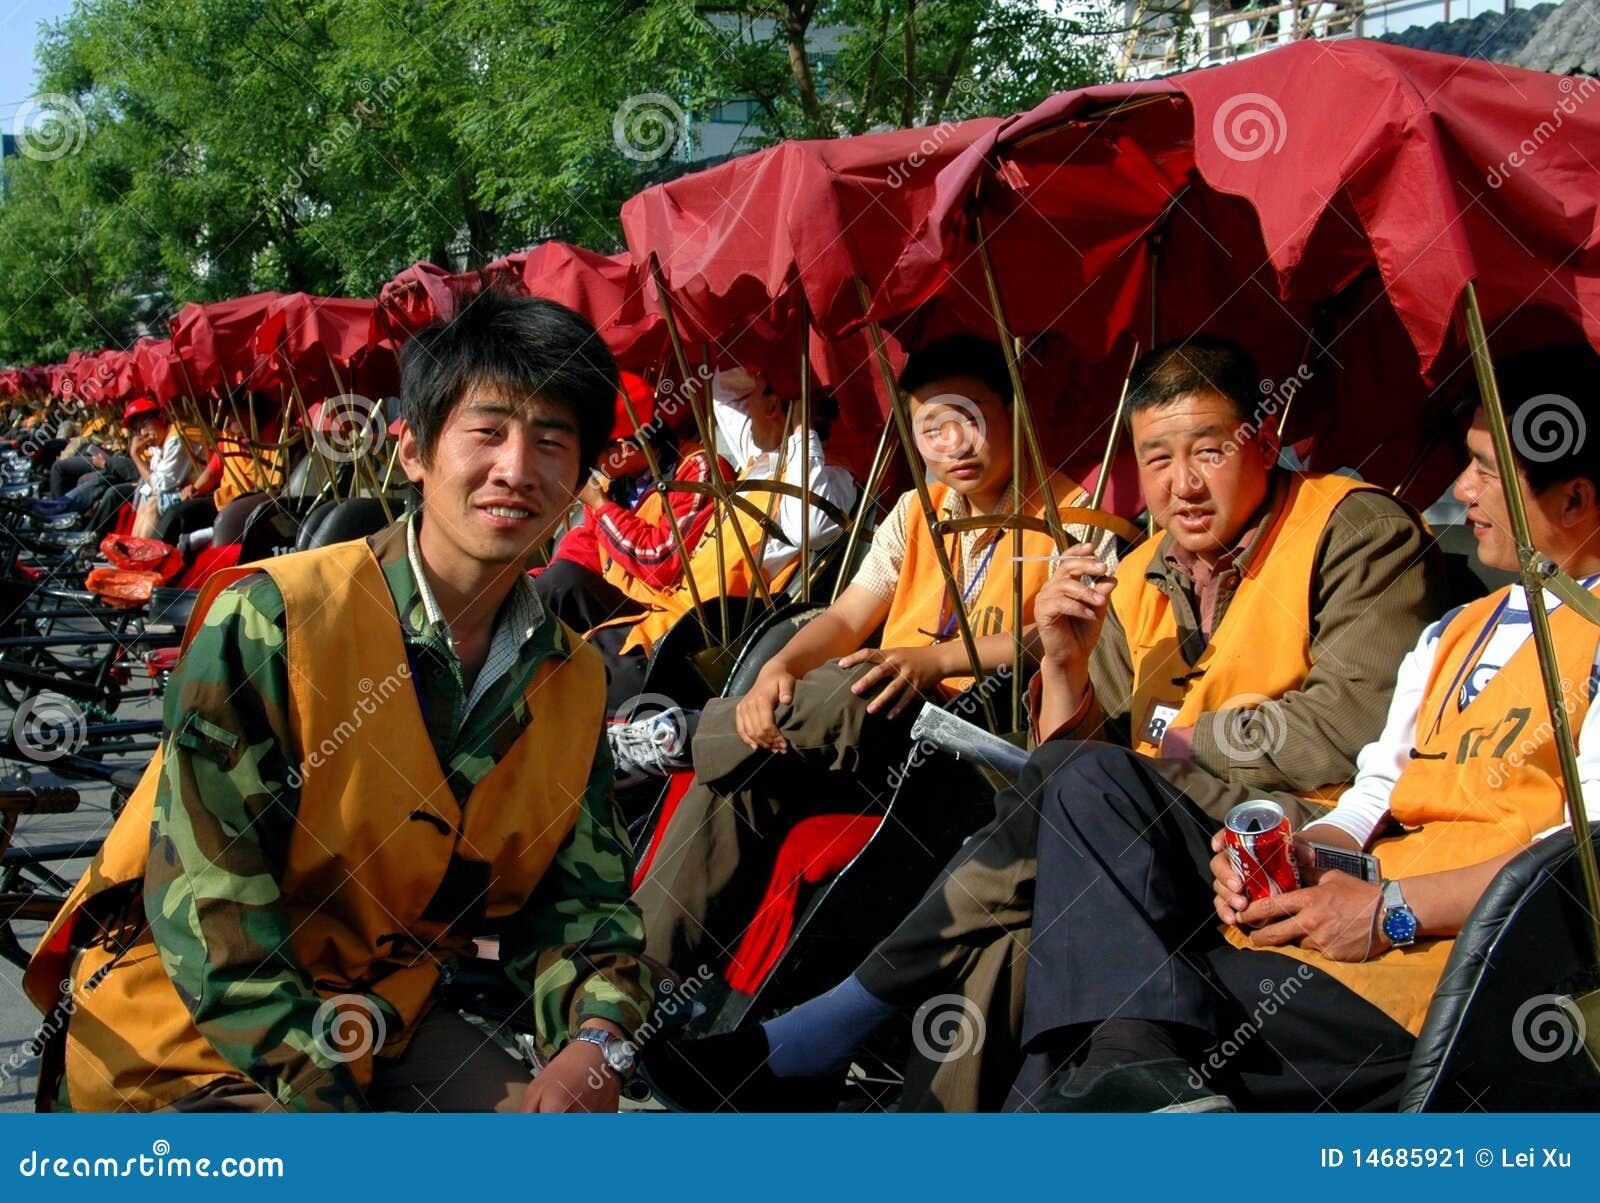 Beijing, China: Hutong Pedicab Drivers